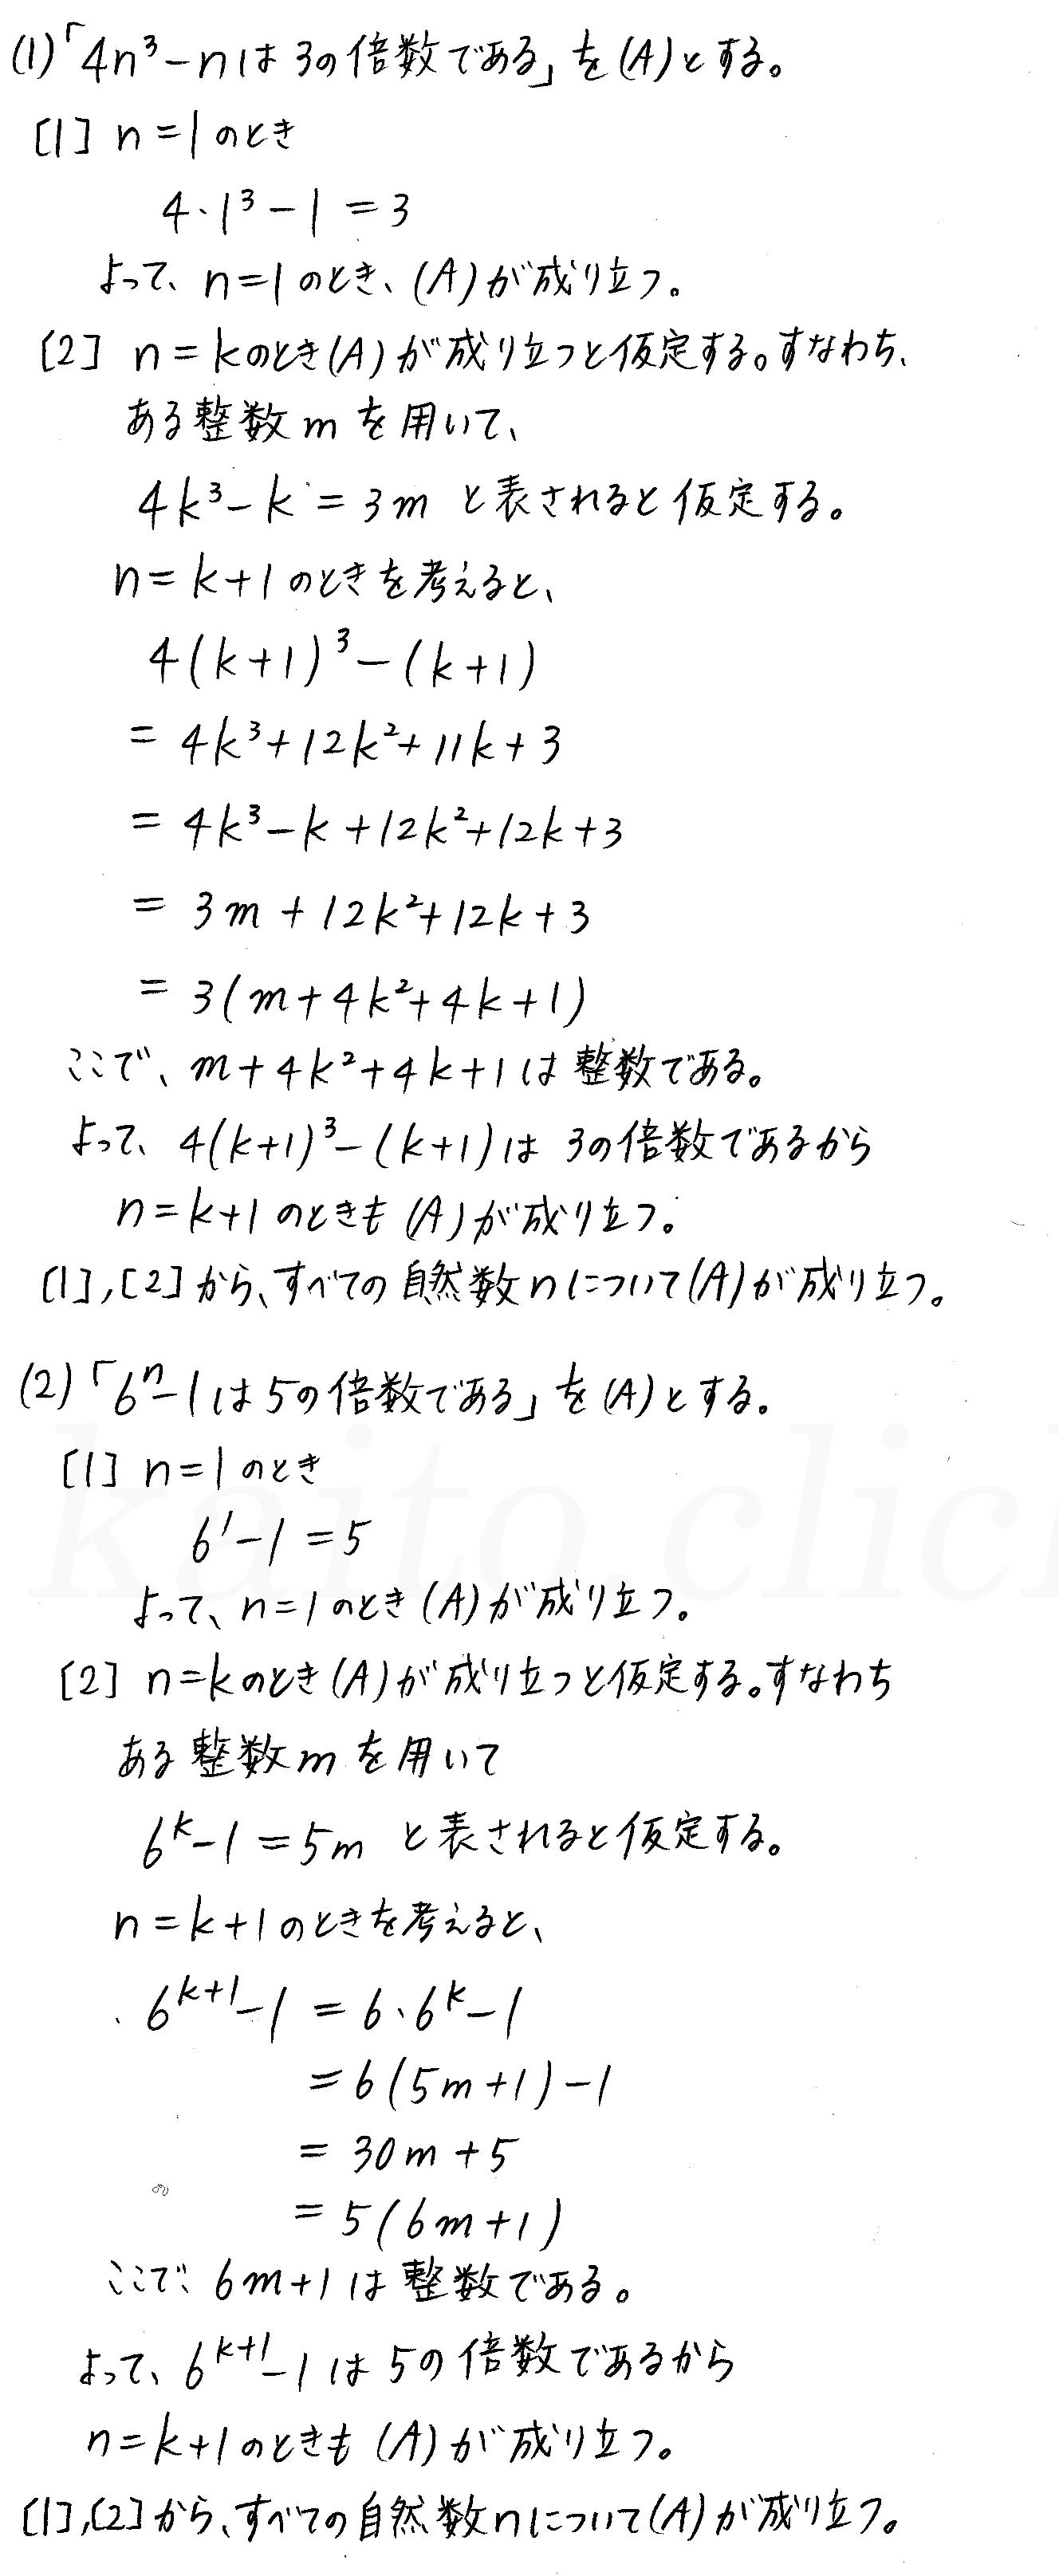 クリアー数学B-233解答